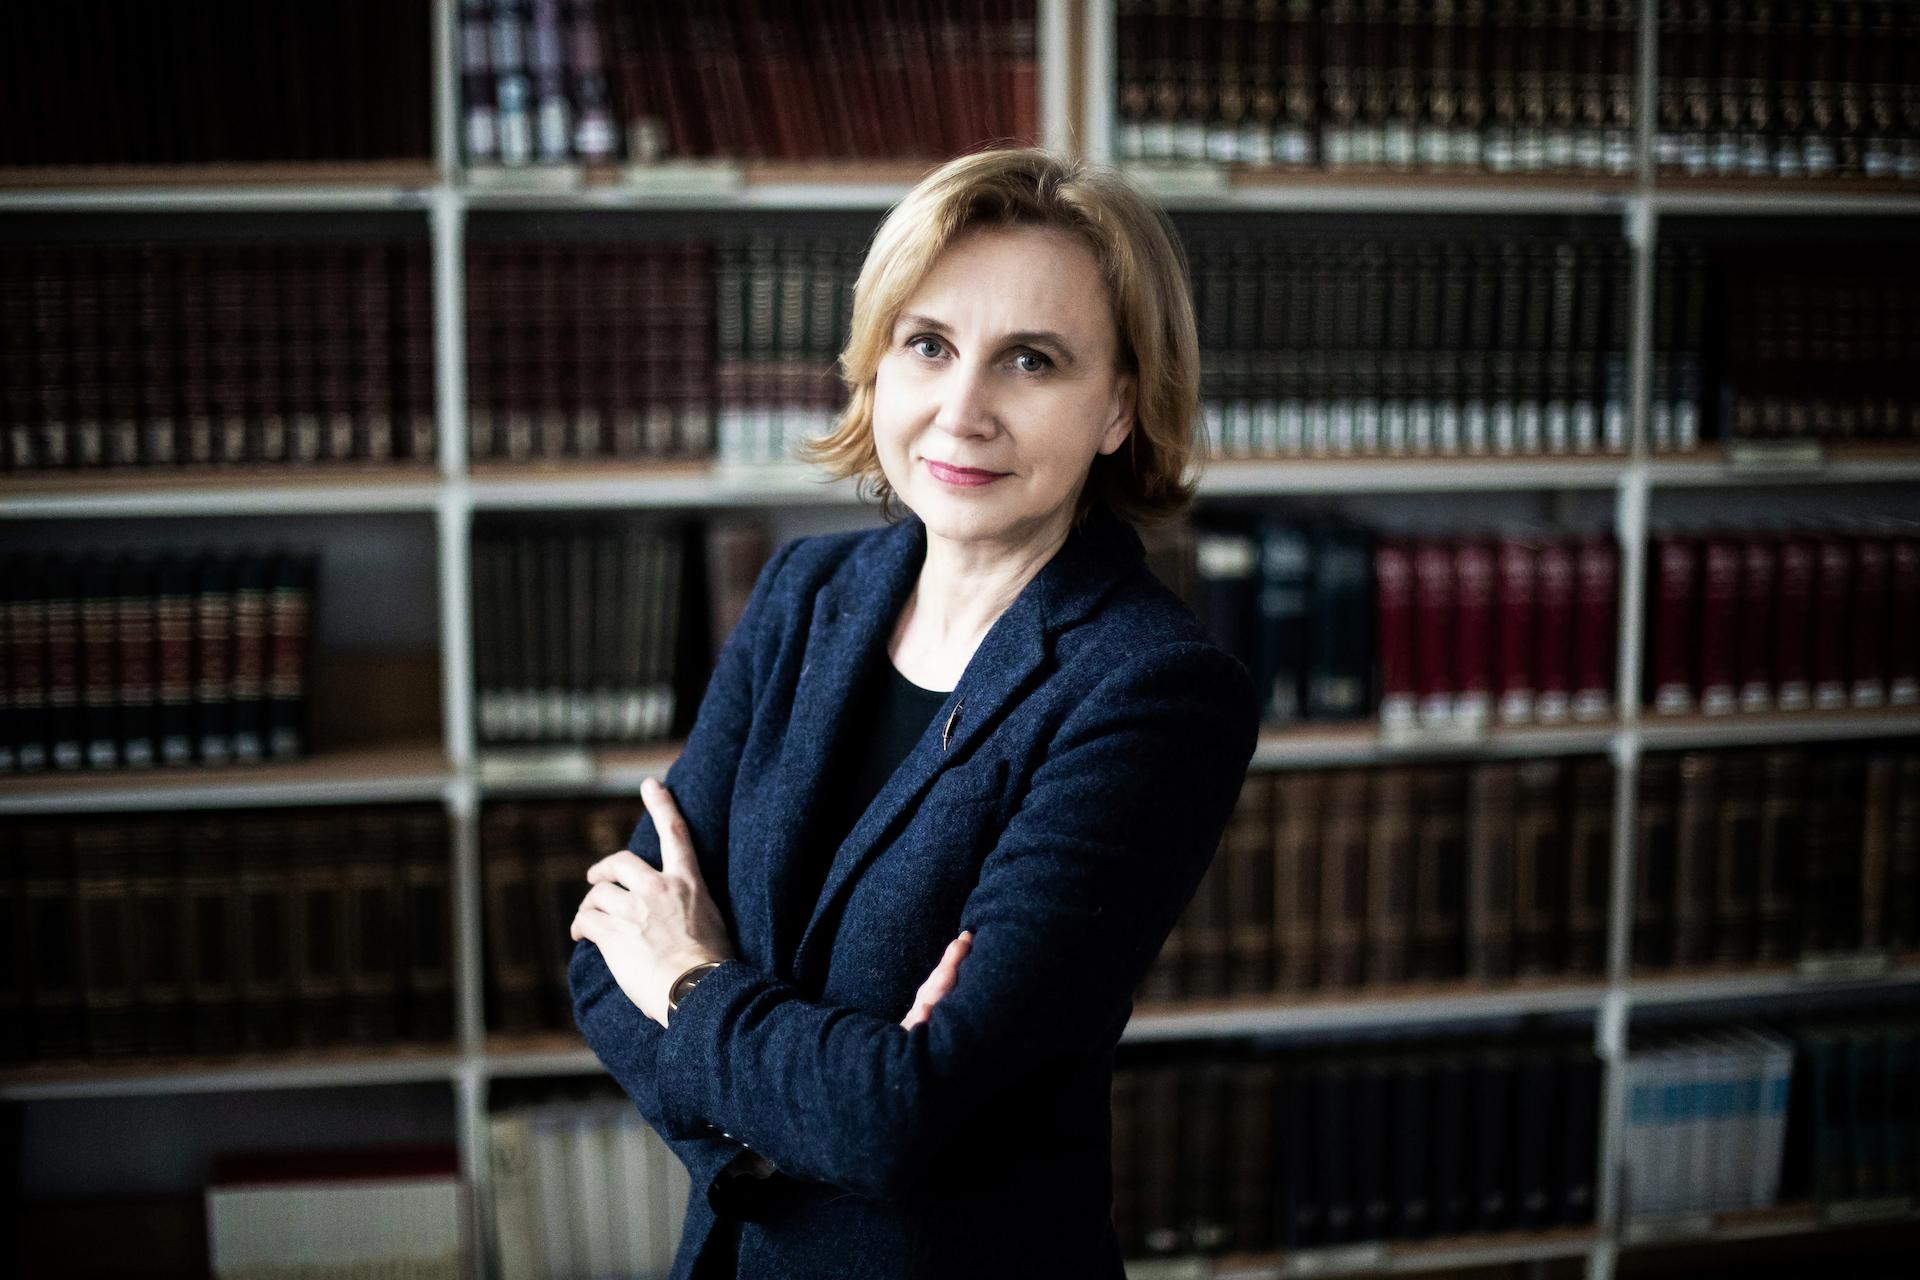 """Prof. dr. Rosita Lekavičienė įsitikinusi, jog suvaidinti tobulą """"aš"""" virtualioje realybėje yra kur kas lengviau nei nuolat tą vaidmenį atlikti tikrovėje. Asmeninio archyvo nuotr."""